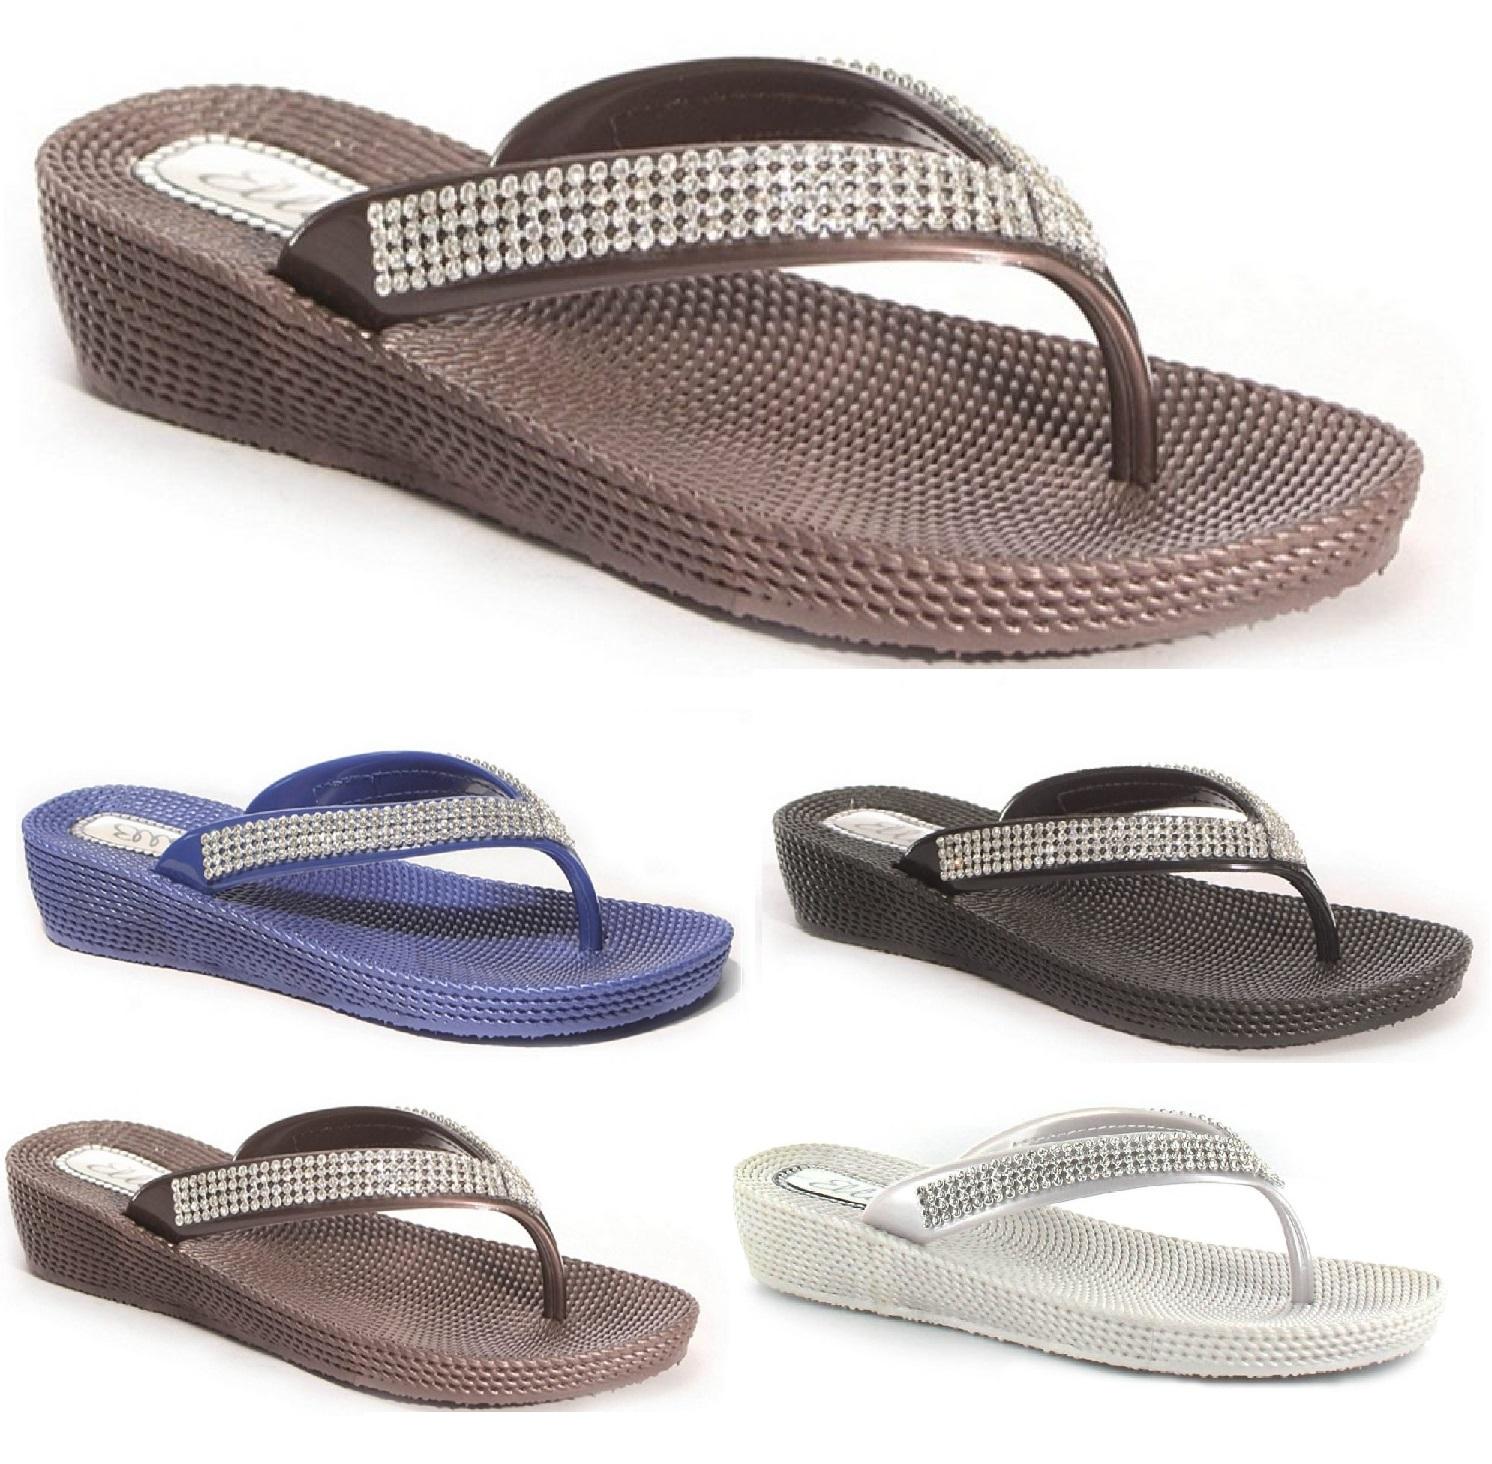 Ladies Flat Low Wedge Diamante Flip Flops Womens Summer Beach Toe Post Sandals